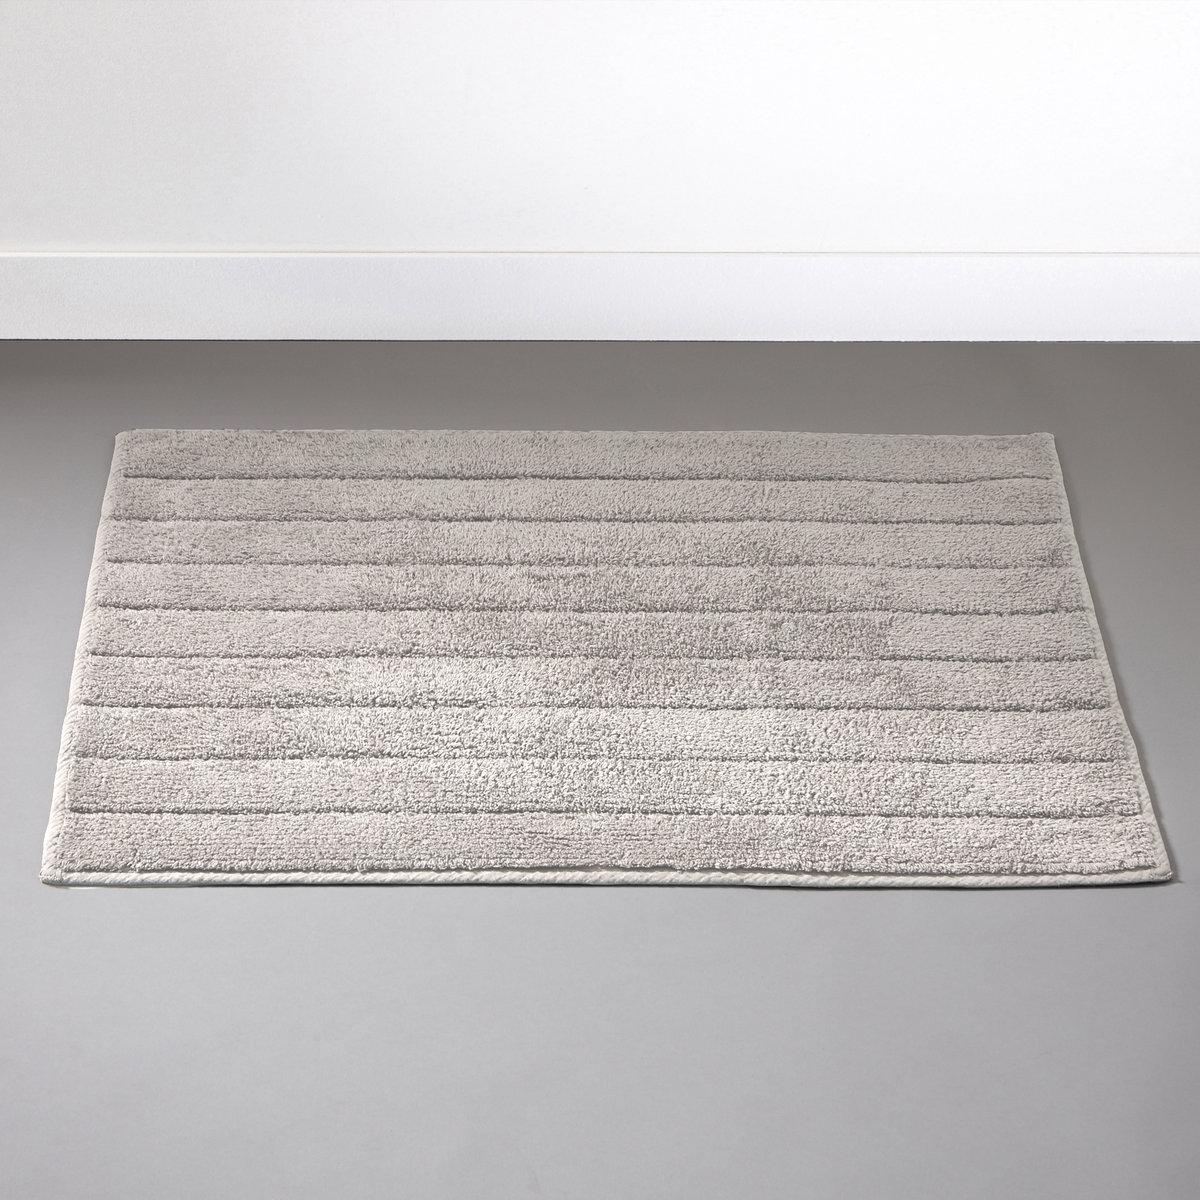 Коврик из махровой ткани, КАЧЕСТВО BESTКоврик из махровой ткани, КАЧЕСТВО BEST. 100% хлопка, 1300 г/м?, ультрамягкий и невероятно впитывающий. Стирка при 60°. Рельефные полоски. Обратная сторона с покрытием против скольжения.<br><br>Цвет: бежевый,белый,гранатовый,зелено-синий,зеленый мох,розовая пудра,светло-синий,Серо-синий,синий морской,темно-серый,фиолетовый<br>Размер: 50 x 70  см.60x100 cm.40x50 cm.60x100 cm